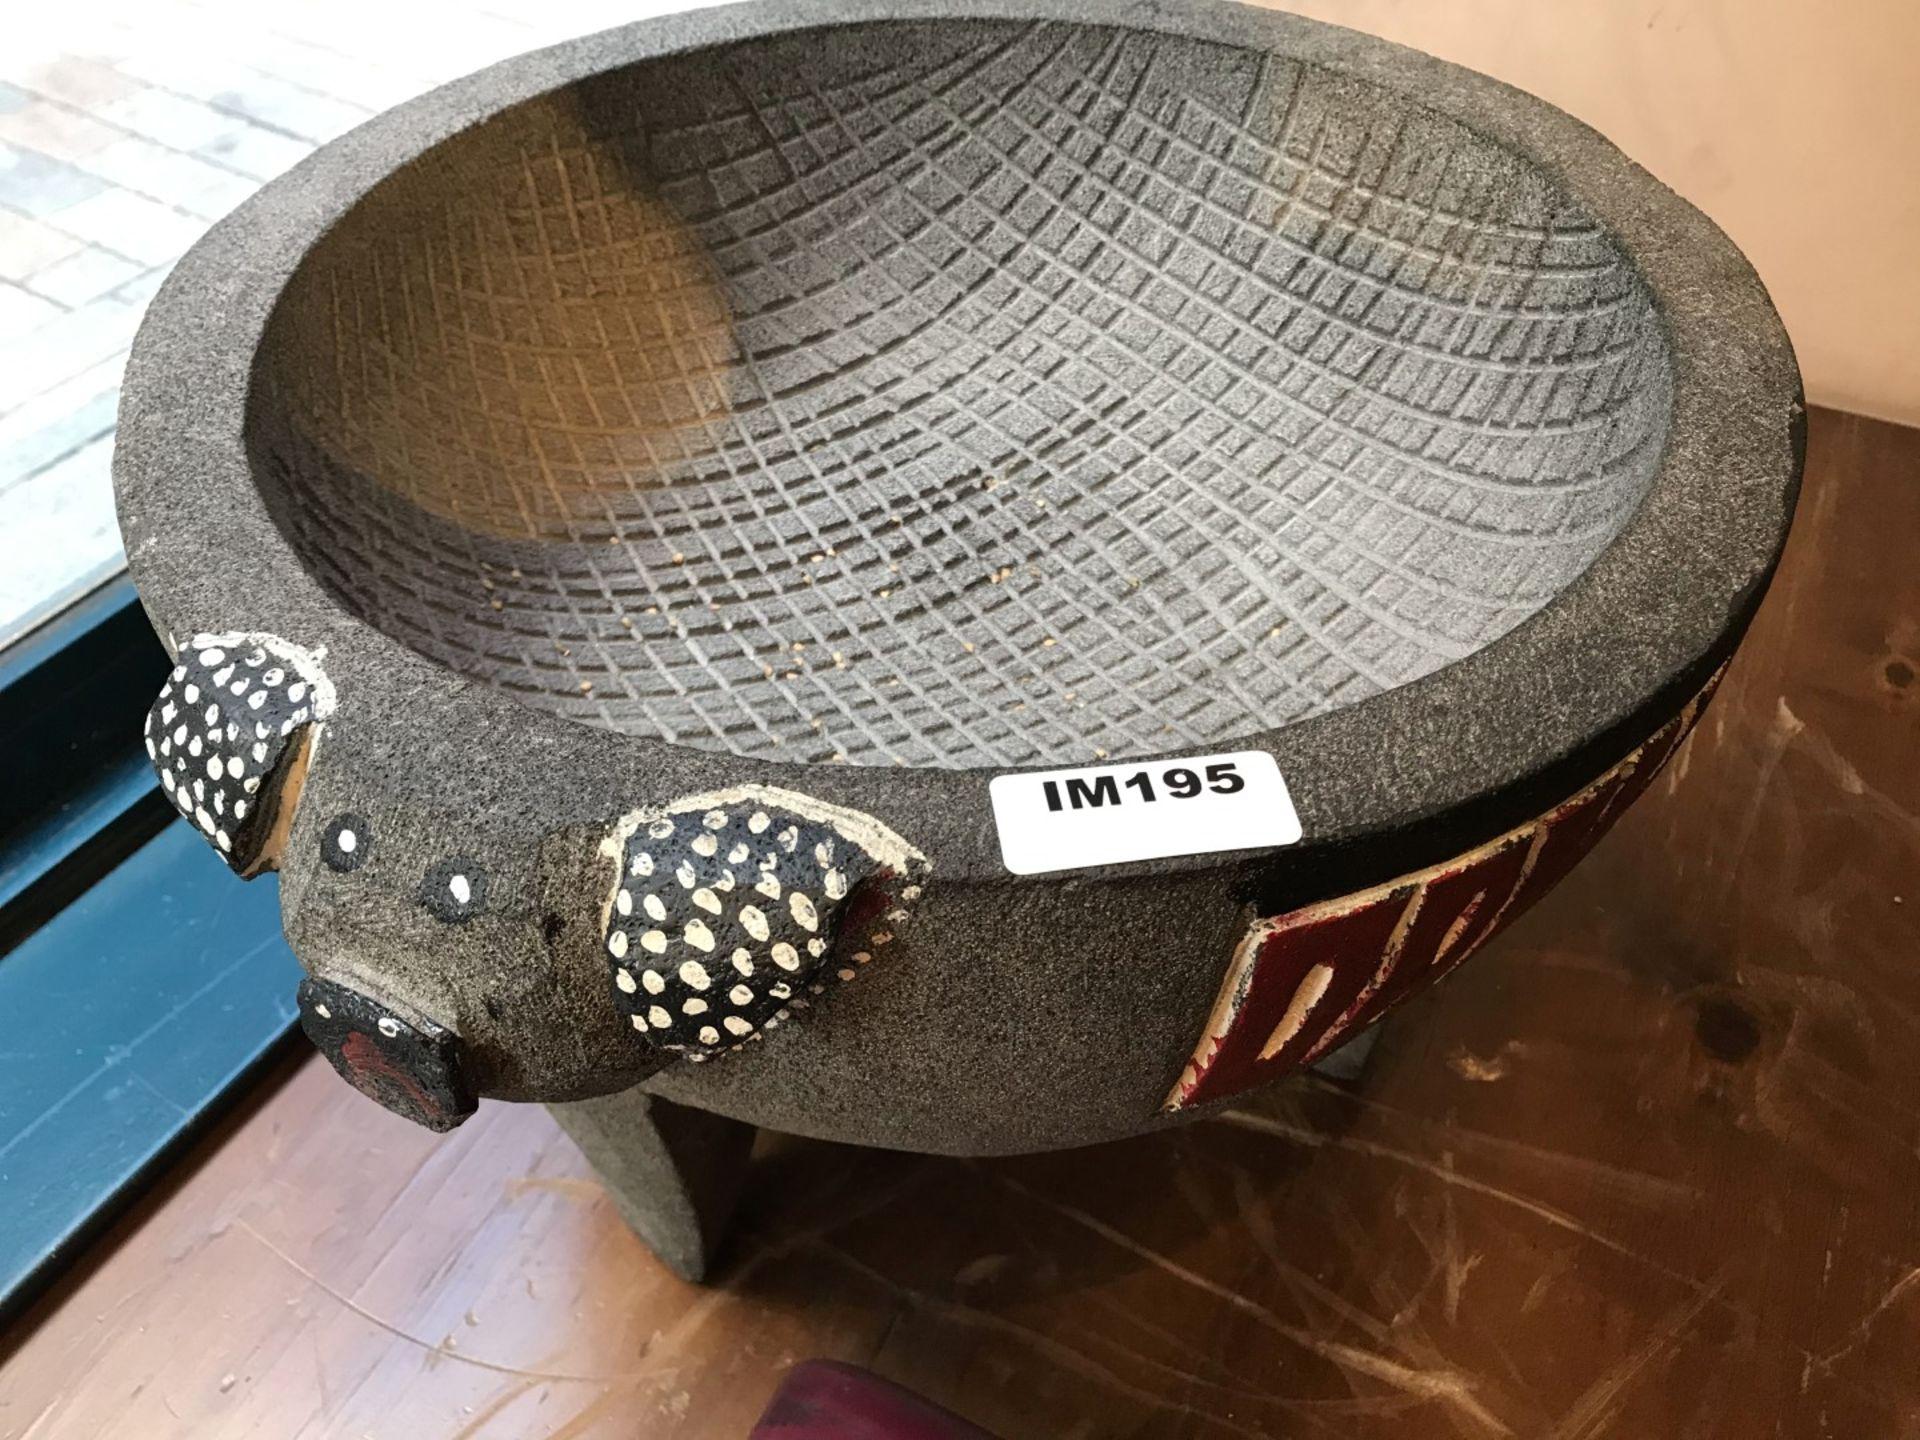 1 x Stone Pig Style Dahaca Folk Art Griding Bowl - Size H30 x W40 cms - CL554 - Ref IM195 - - Image 4 of 5